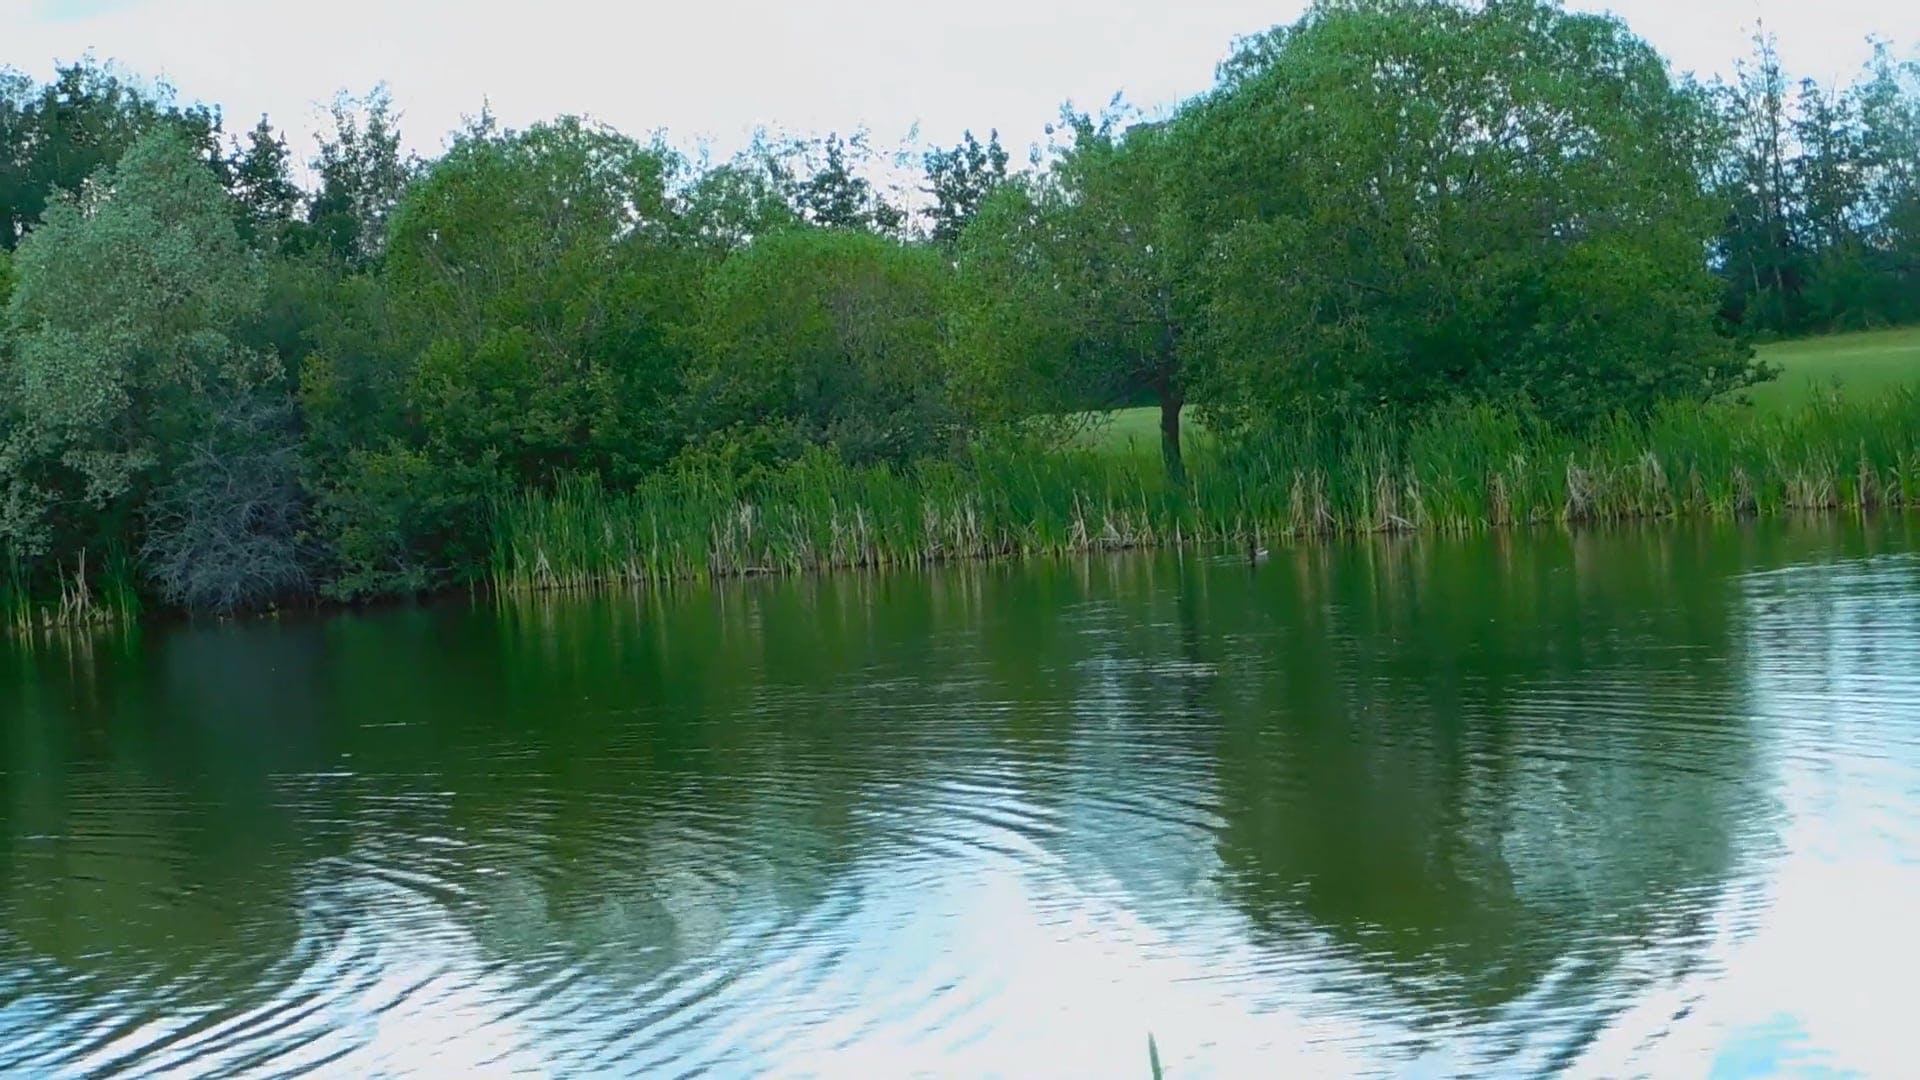 Video of Lake During Daytime